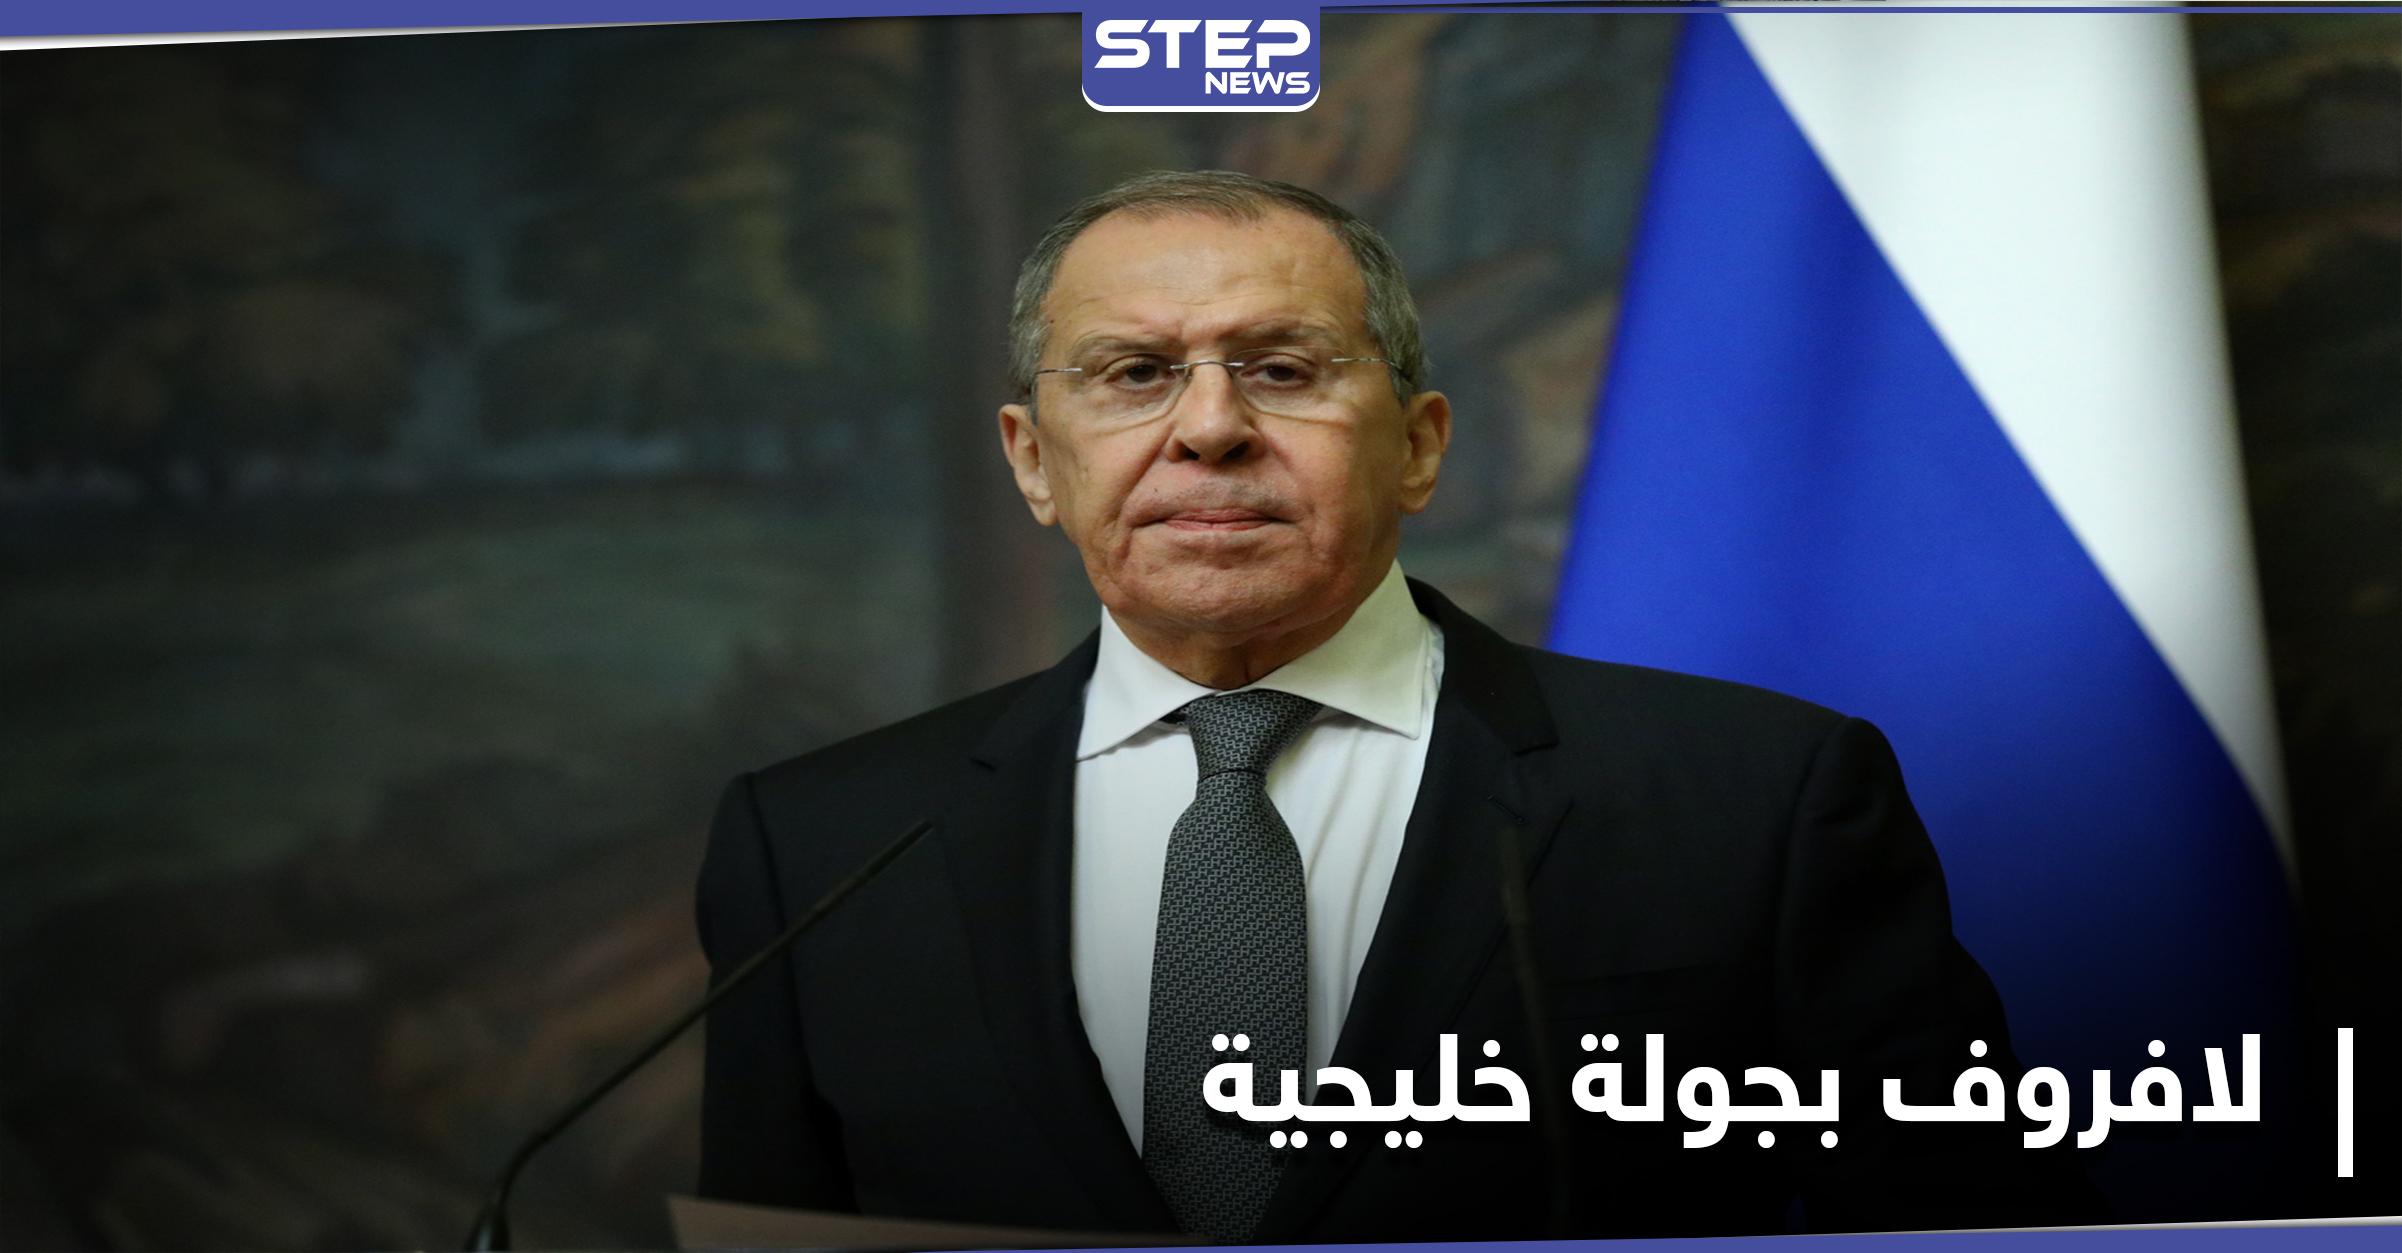 """وزير الخارجية الروسي يبدأ جولة خليجية لـ """"ضبط الساعة المِفصل"""" لبحث ملفات السياسية والاقتصادية"""